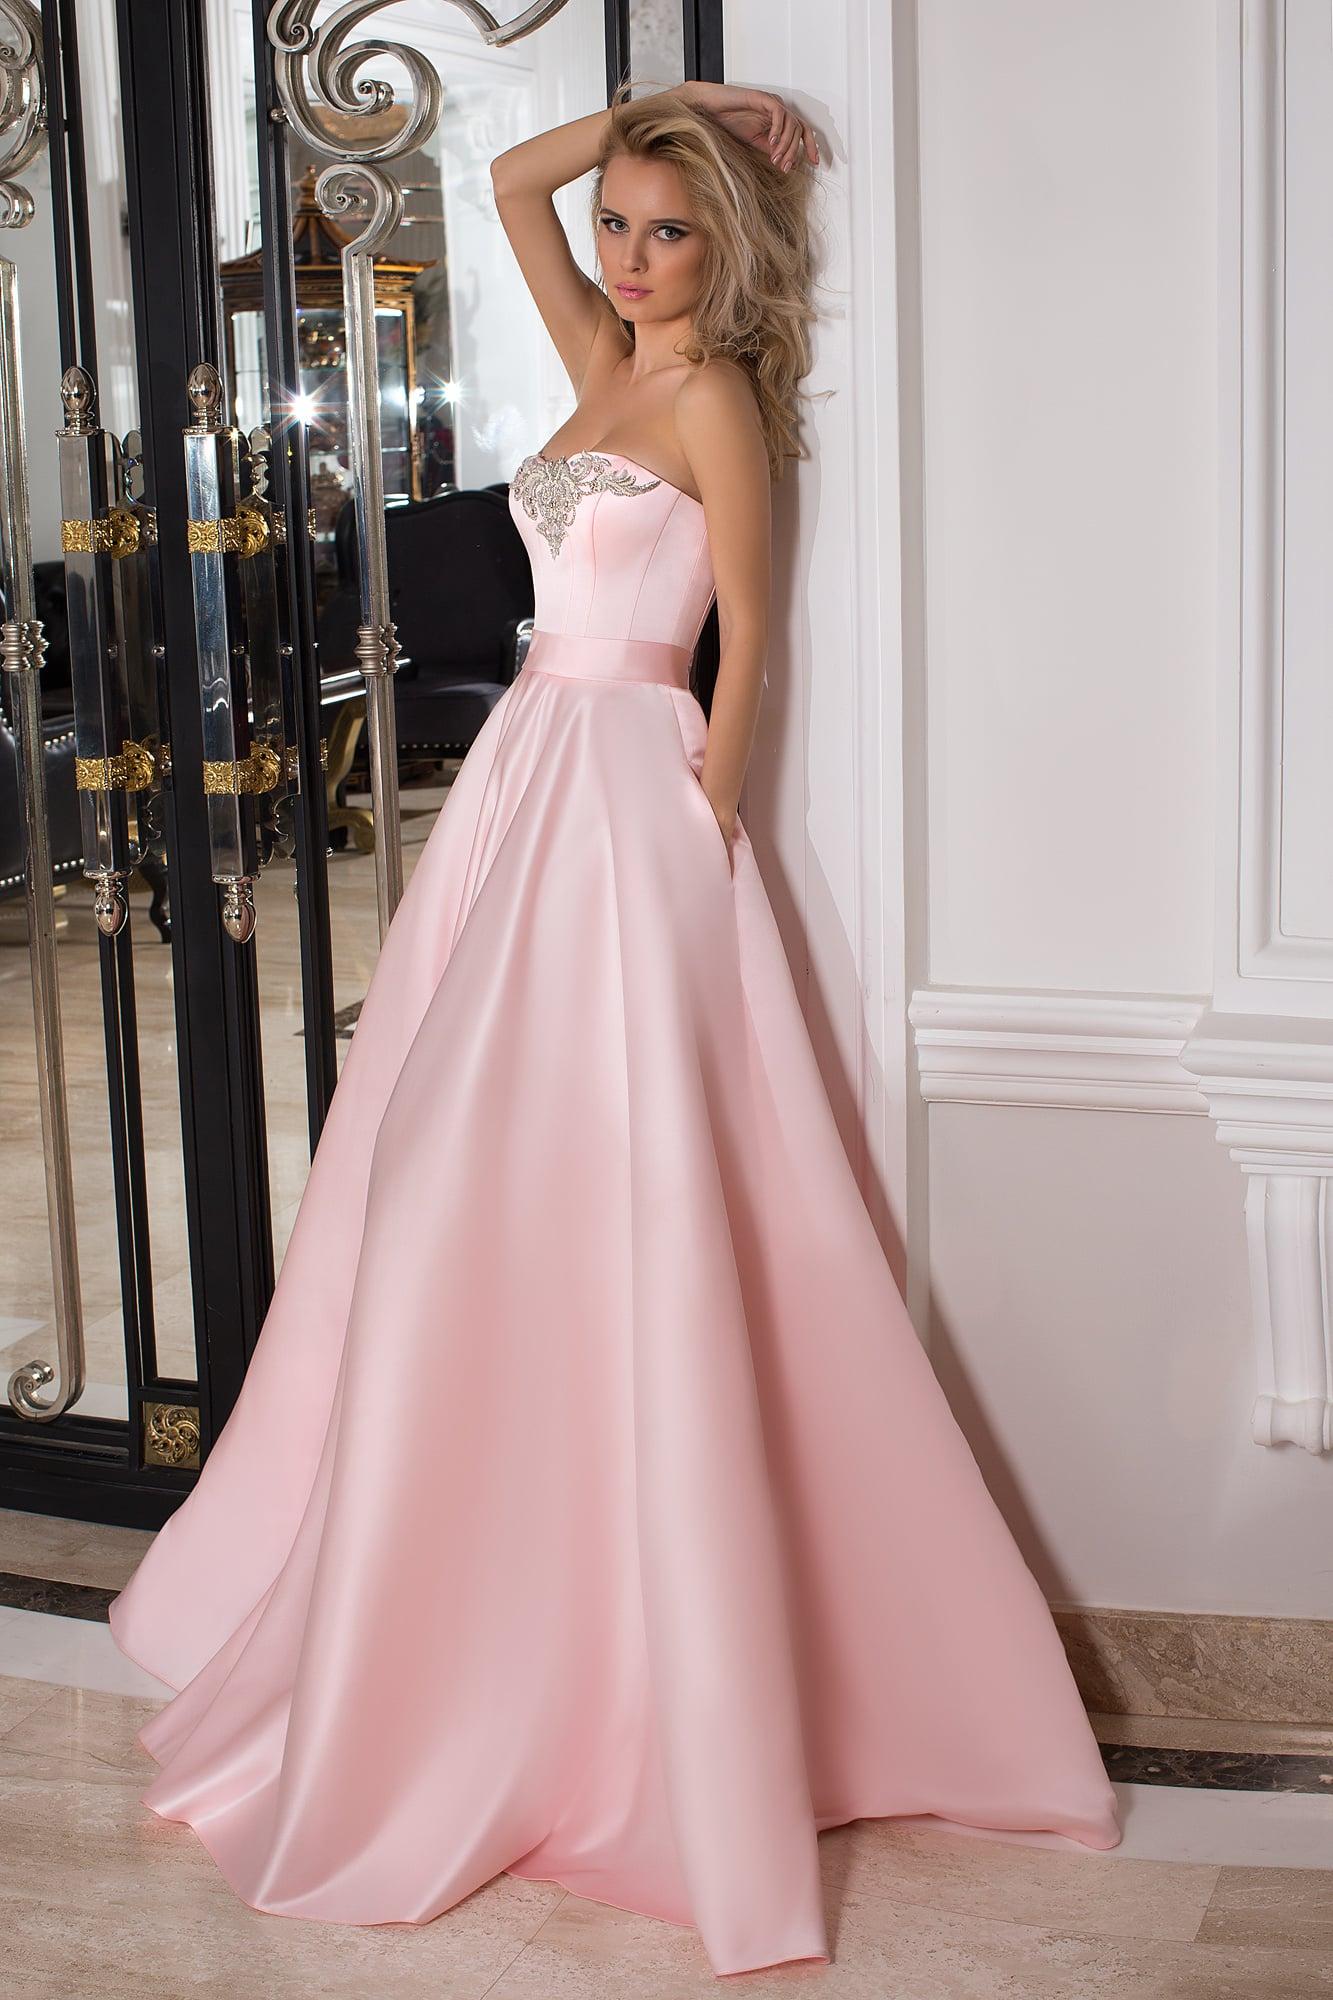 8c264e3f577 Глянцевое розовое вечернее платье пышного кроя со скрытыми карманами.